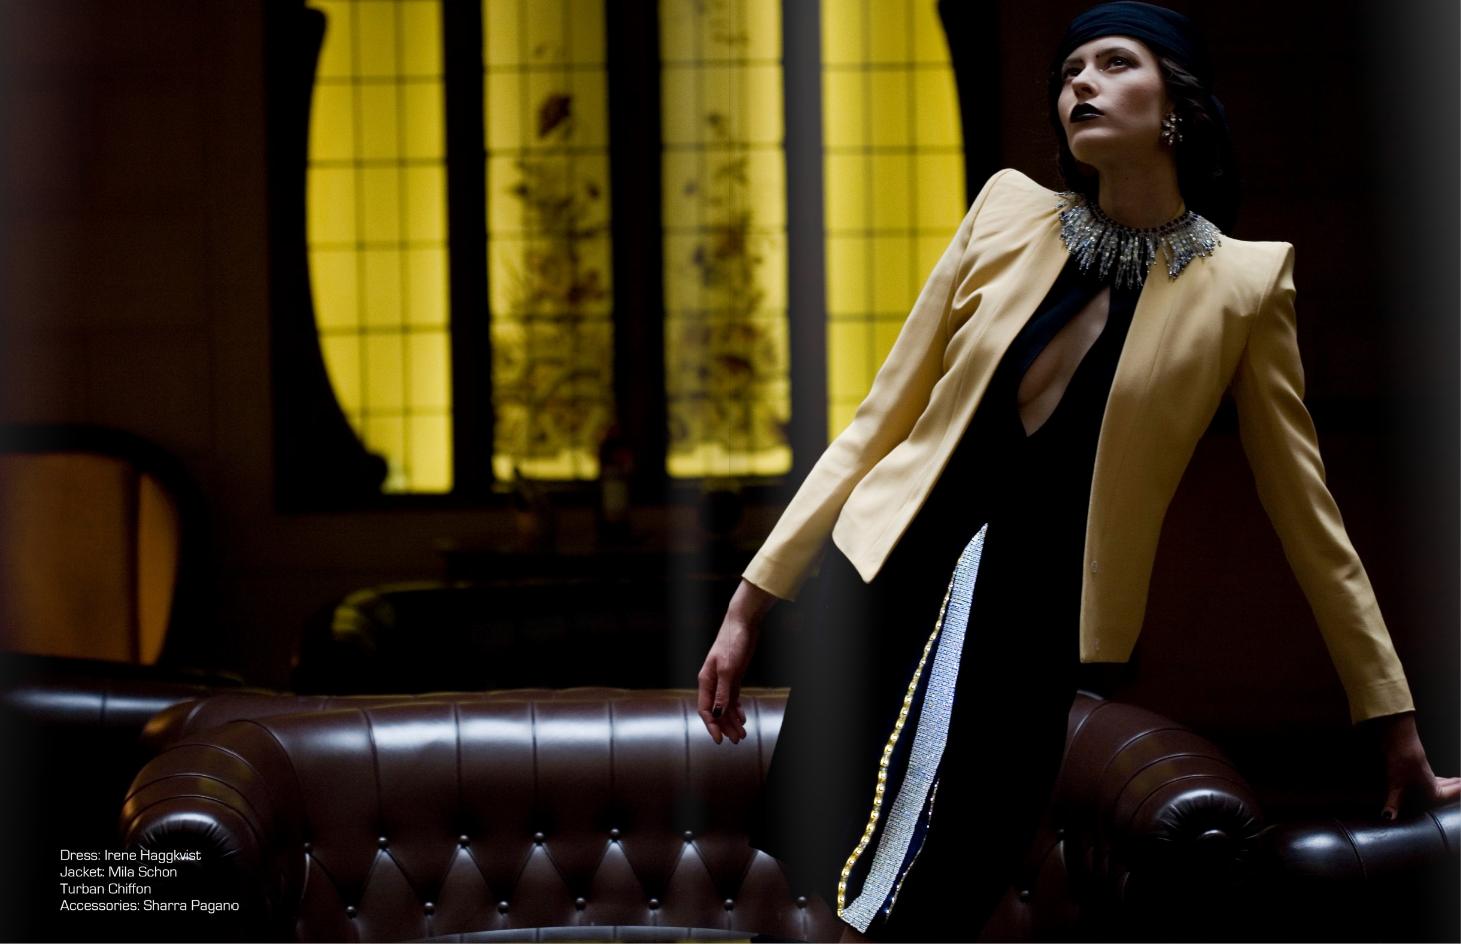 Style-ology Magazine, Issue 10, Italia, photographer Luana Calabró, stylist Hyejin Lim, July 2010